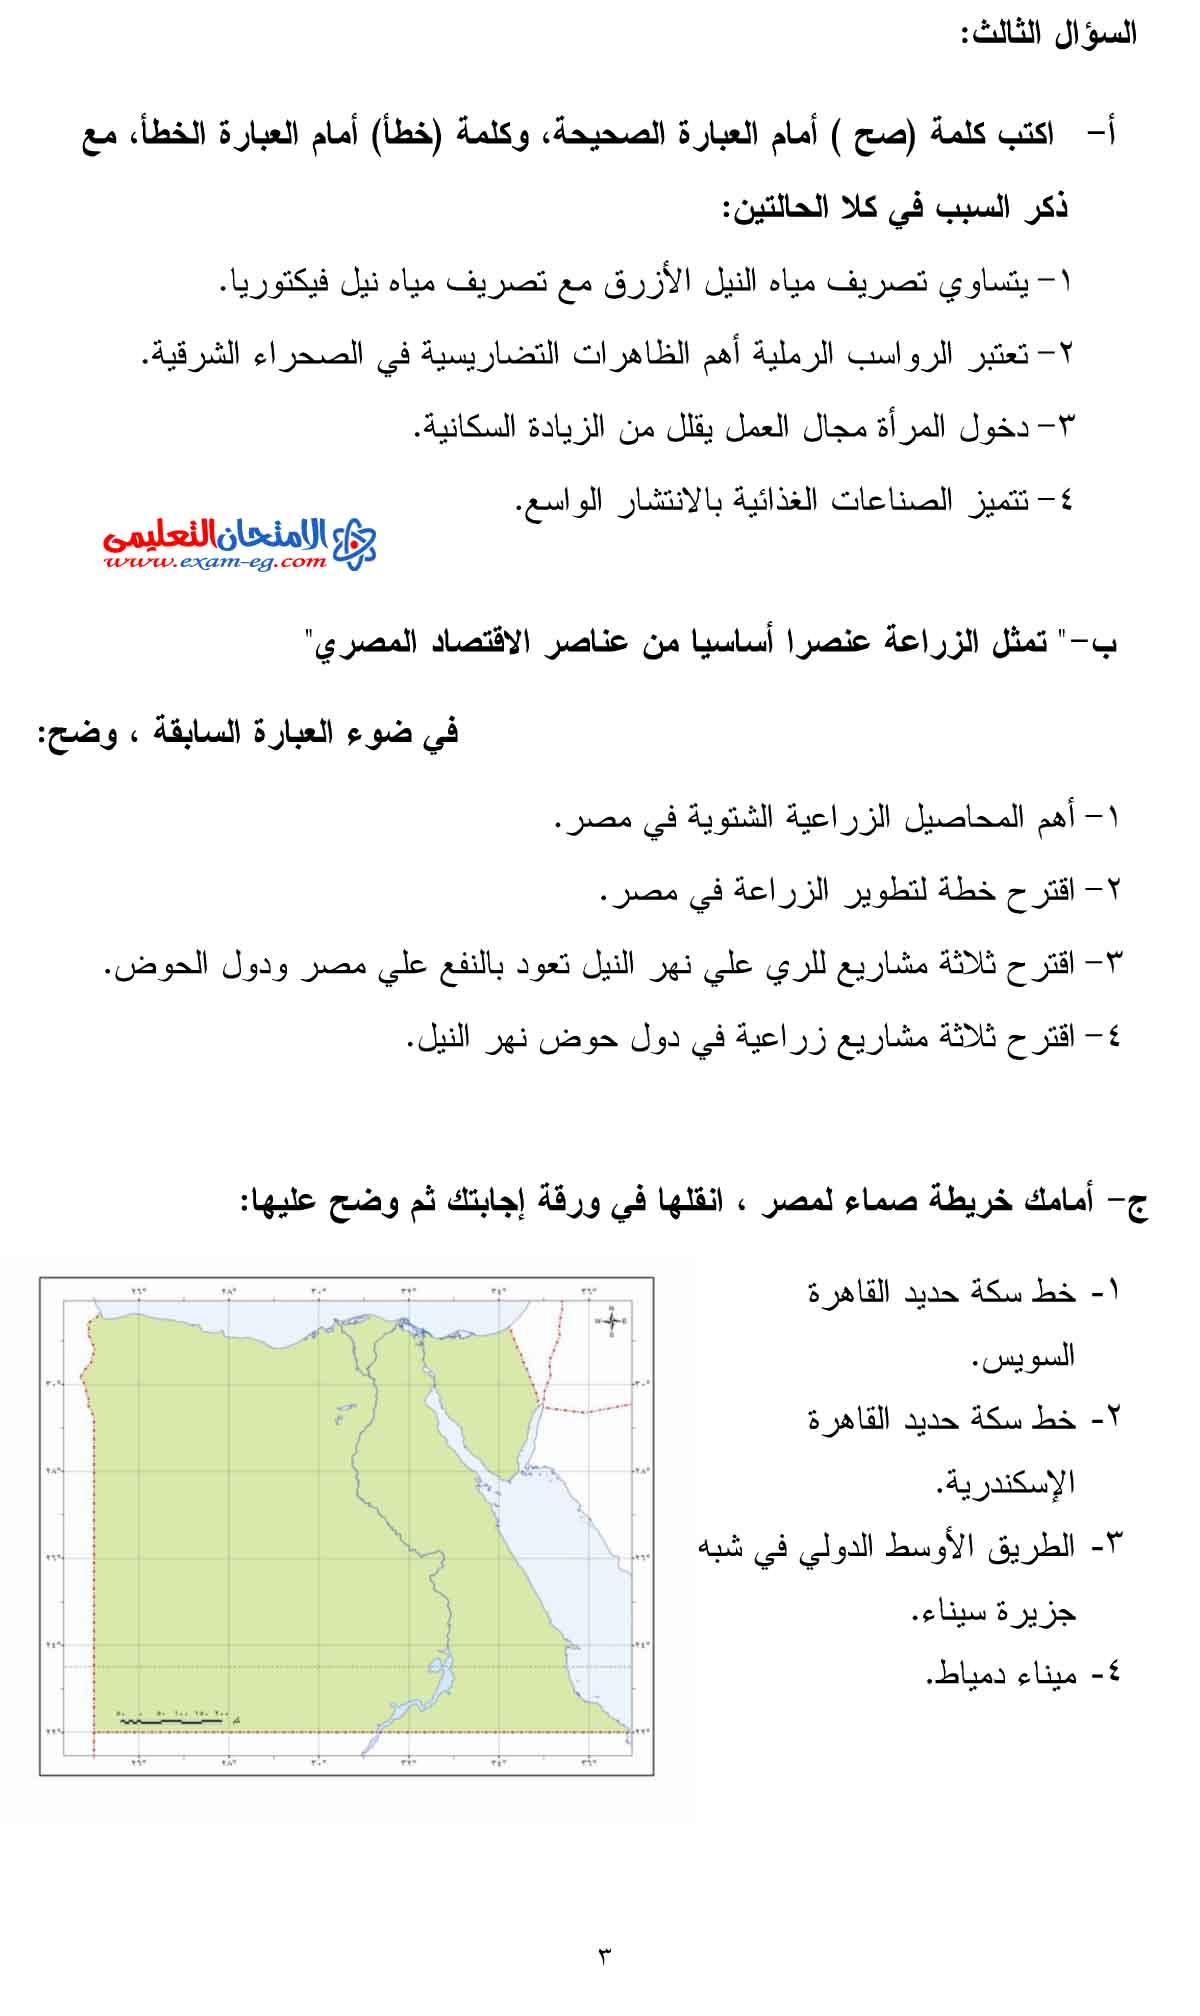 امتحان الوزارة فى الجغرافيا 2